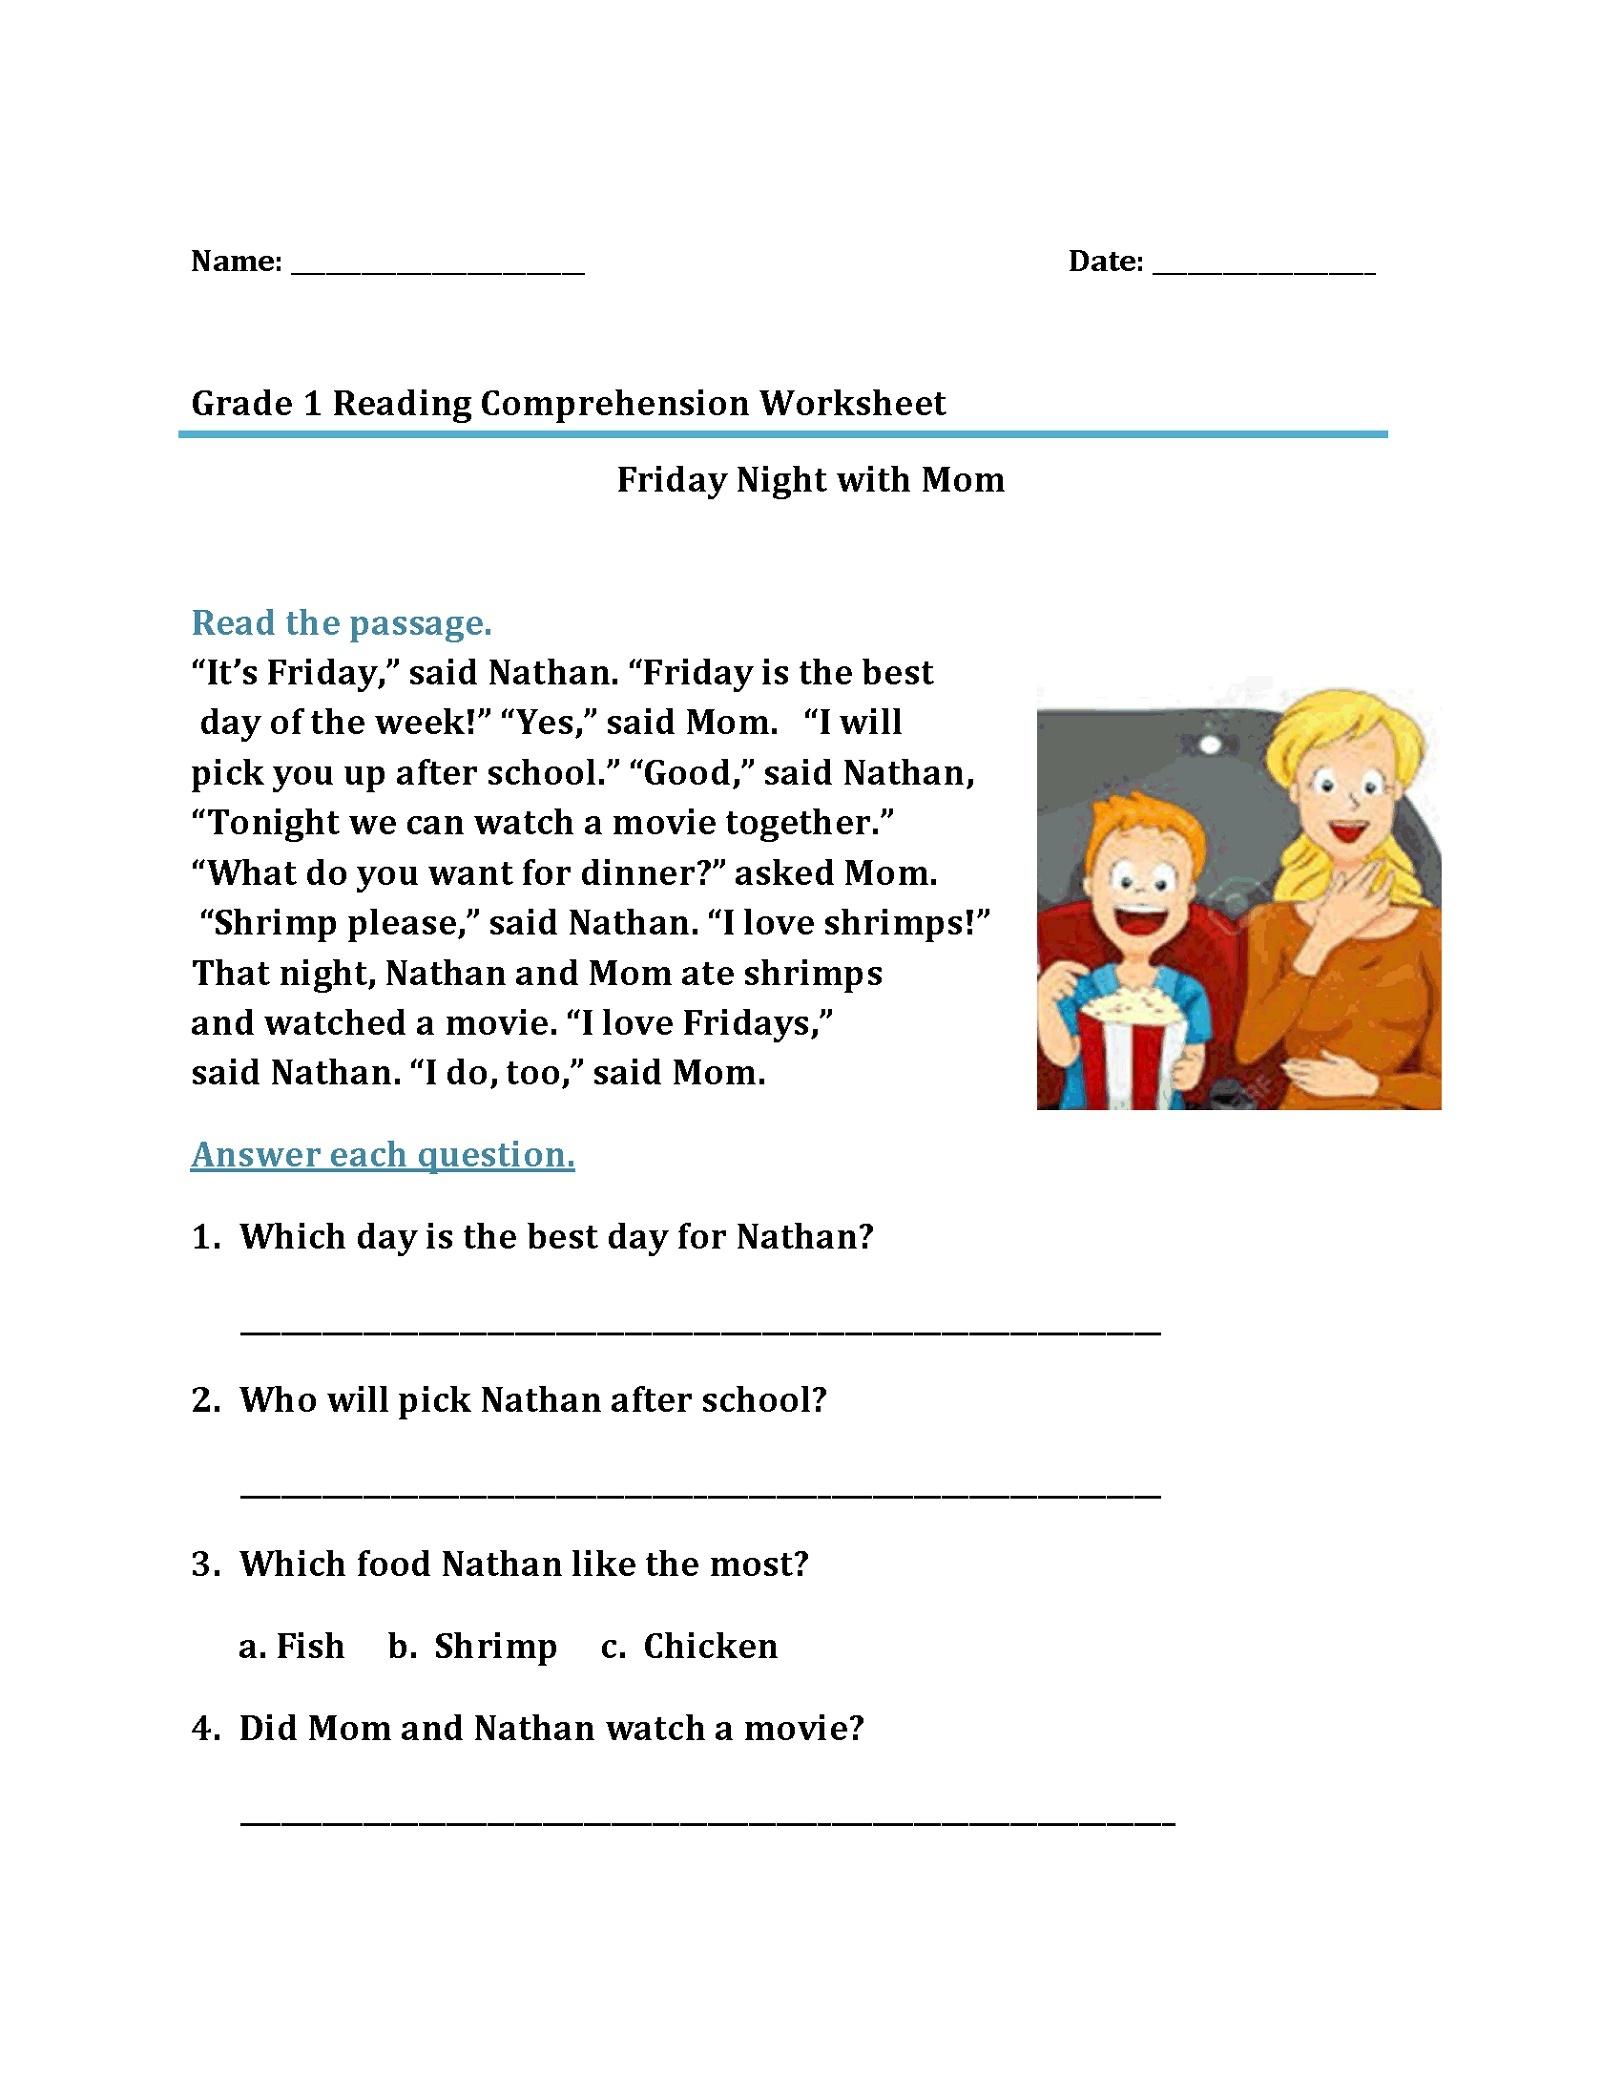 Cold Reading Worksheet